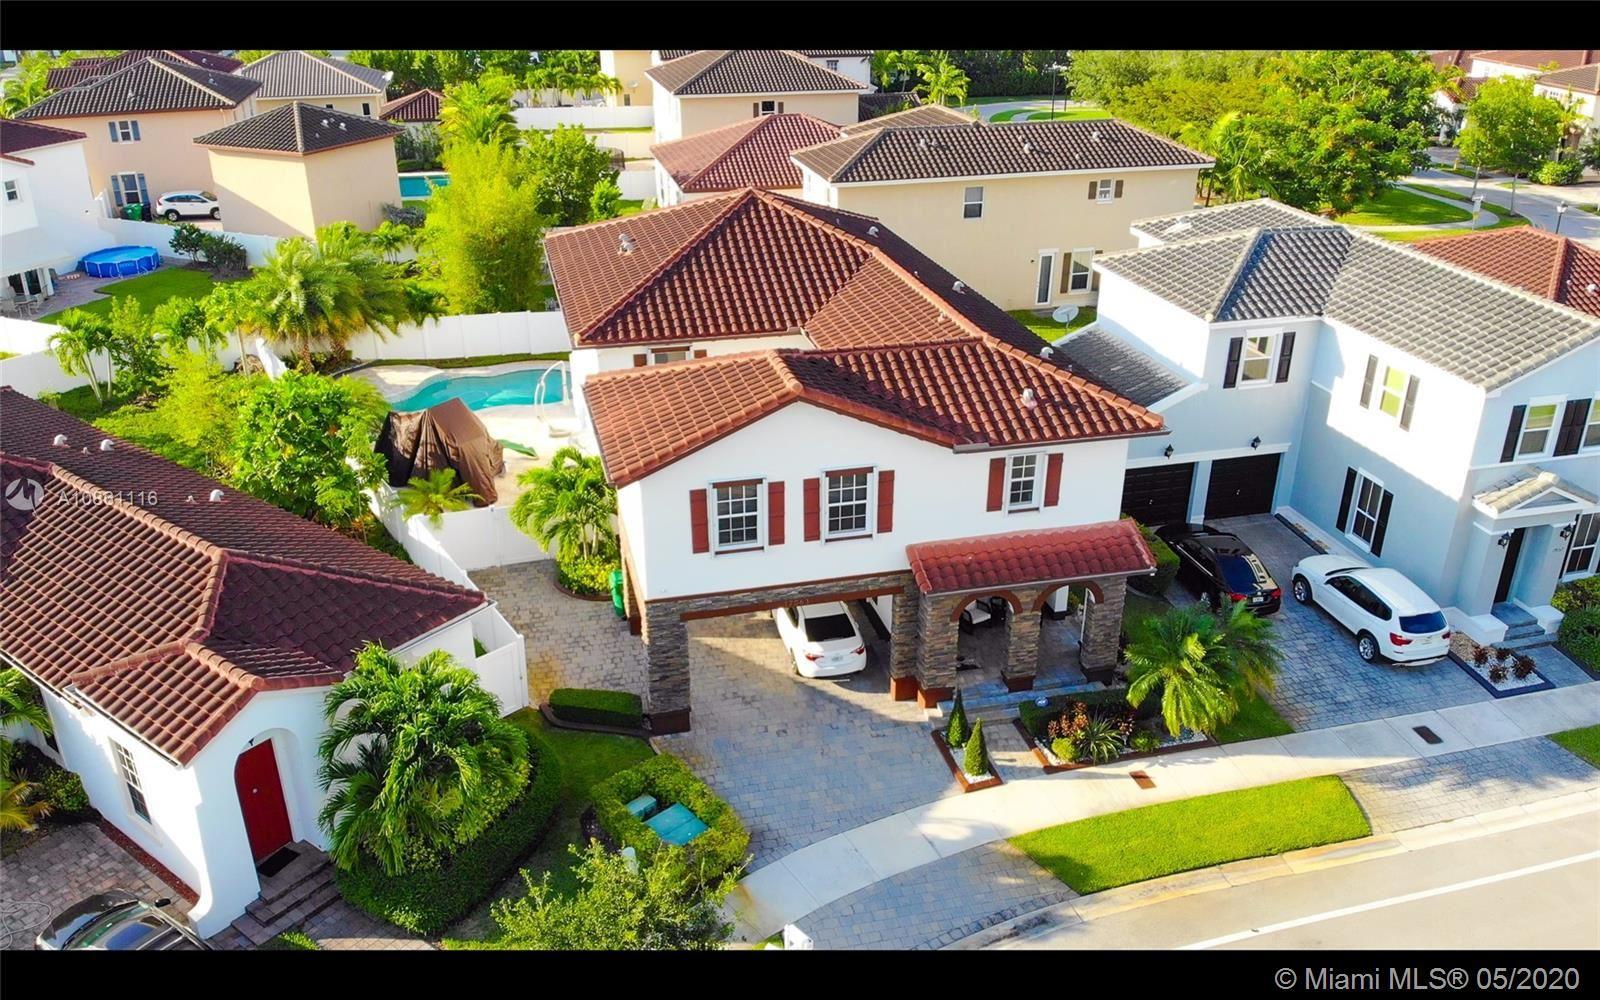 17063 SW 91st St, Miami, FL 33196 - #: A10861116